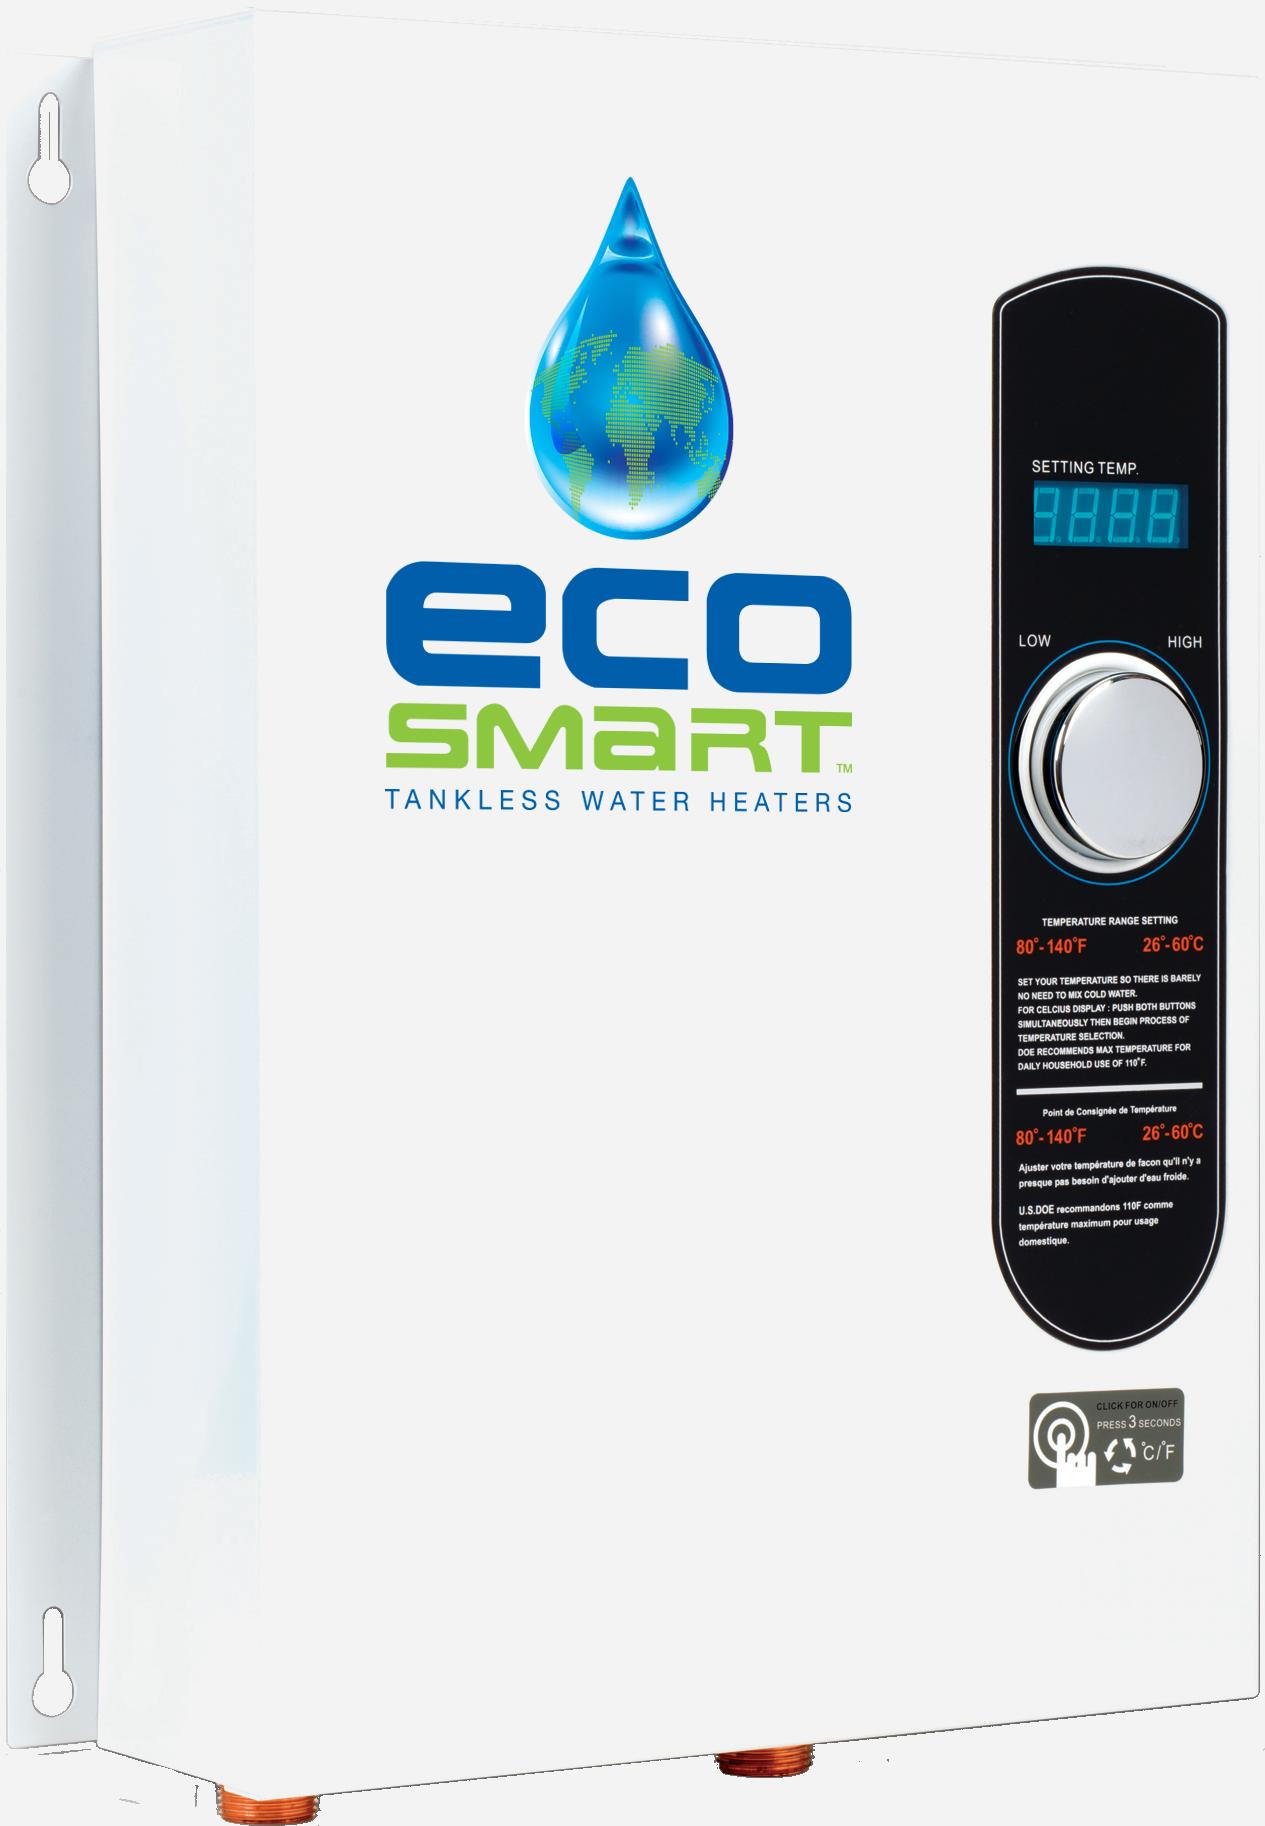 Eco 18 Ecosmart